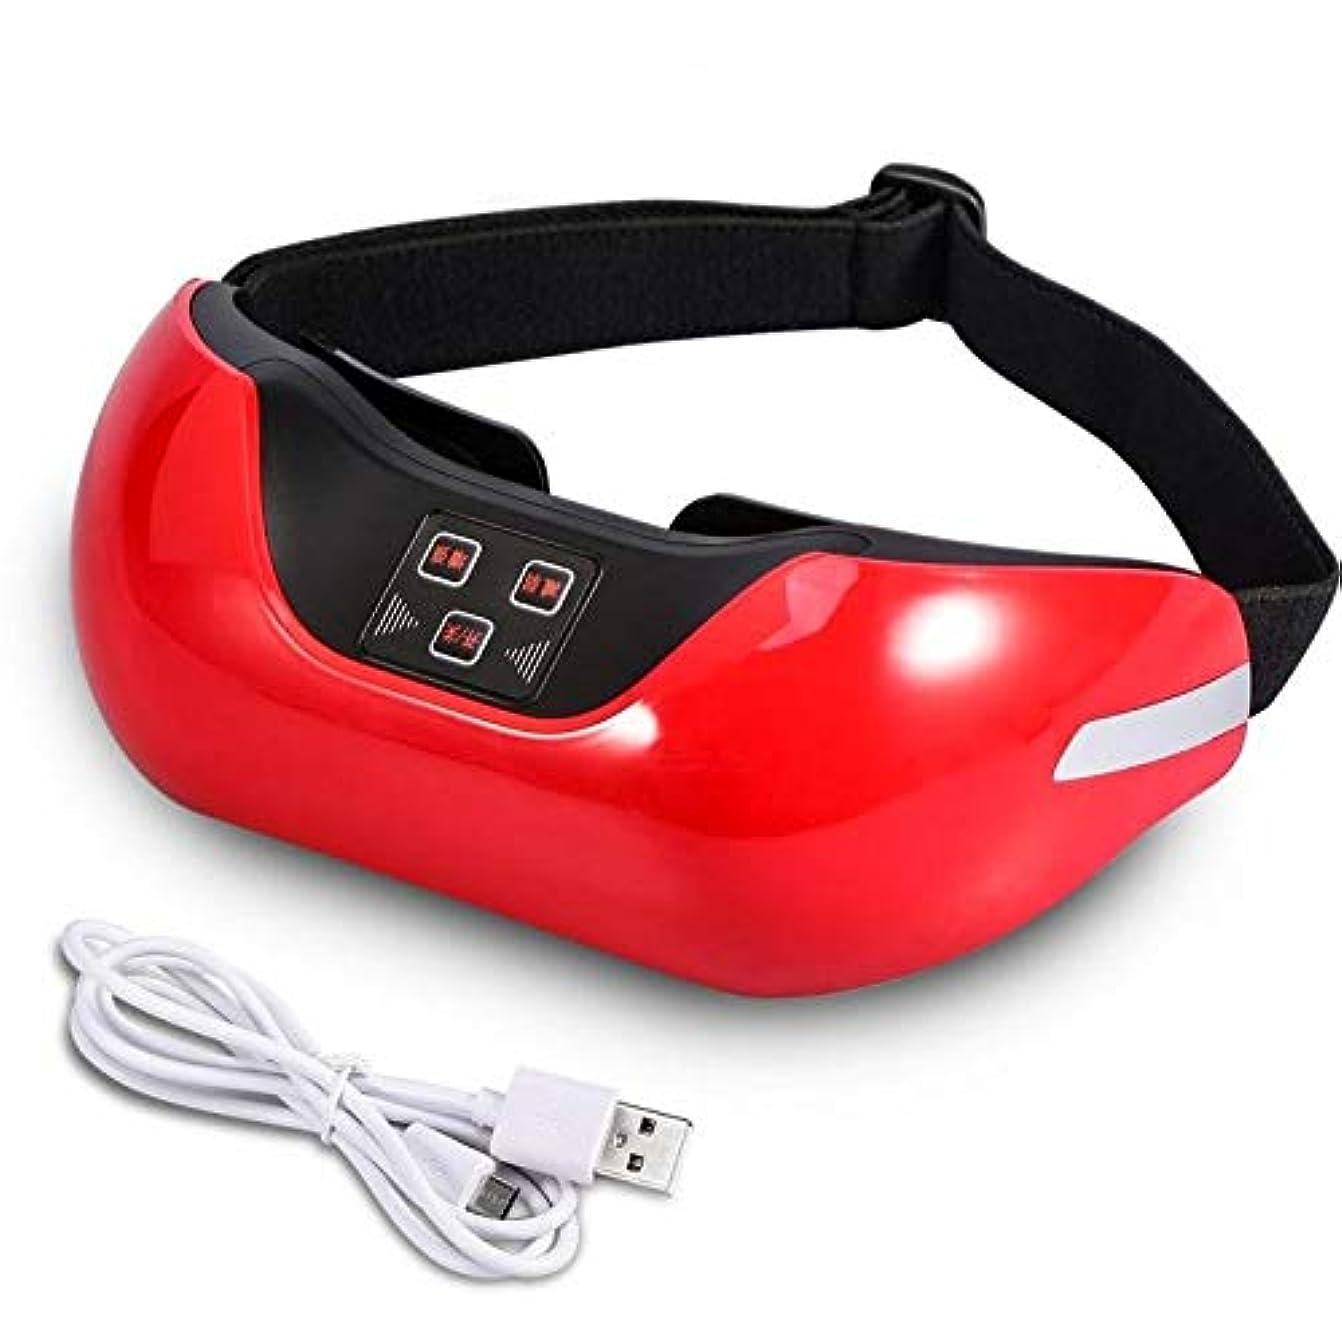 ユーモラスボトルむちゃくちゃUsb 3d充電式電気緑色光鍼灸マッサージ器、疲労ヘッドストレスリリーフトリートメント、目の保護器具ツール (Color : Red)